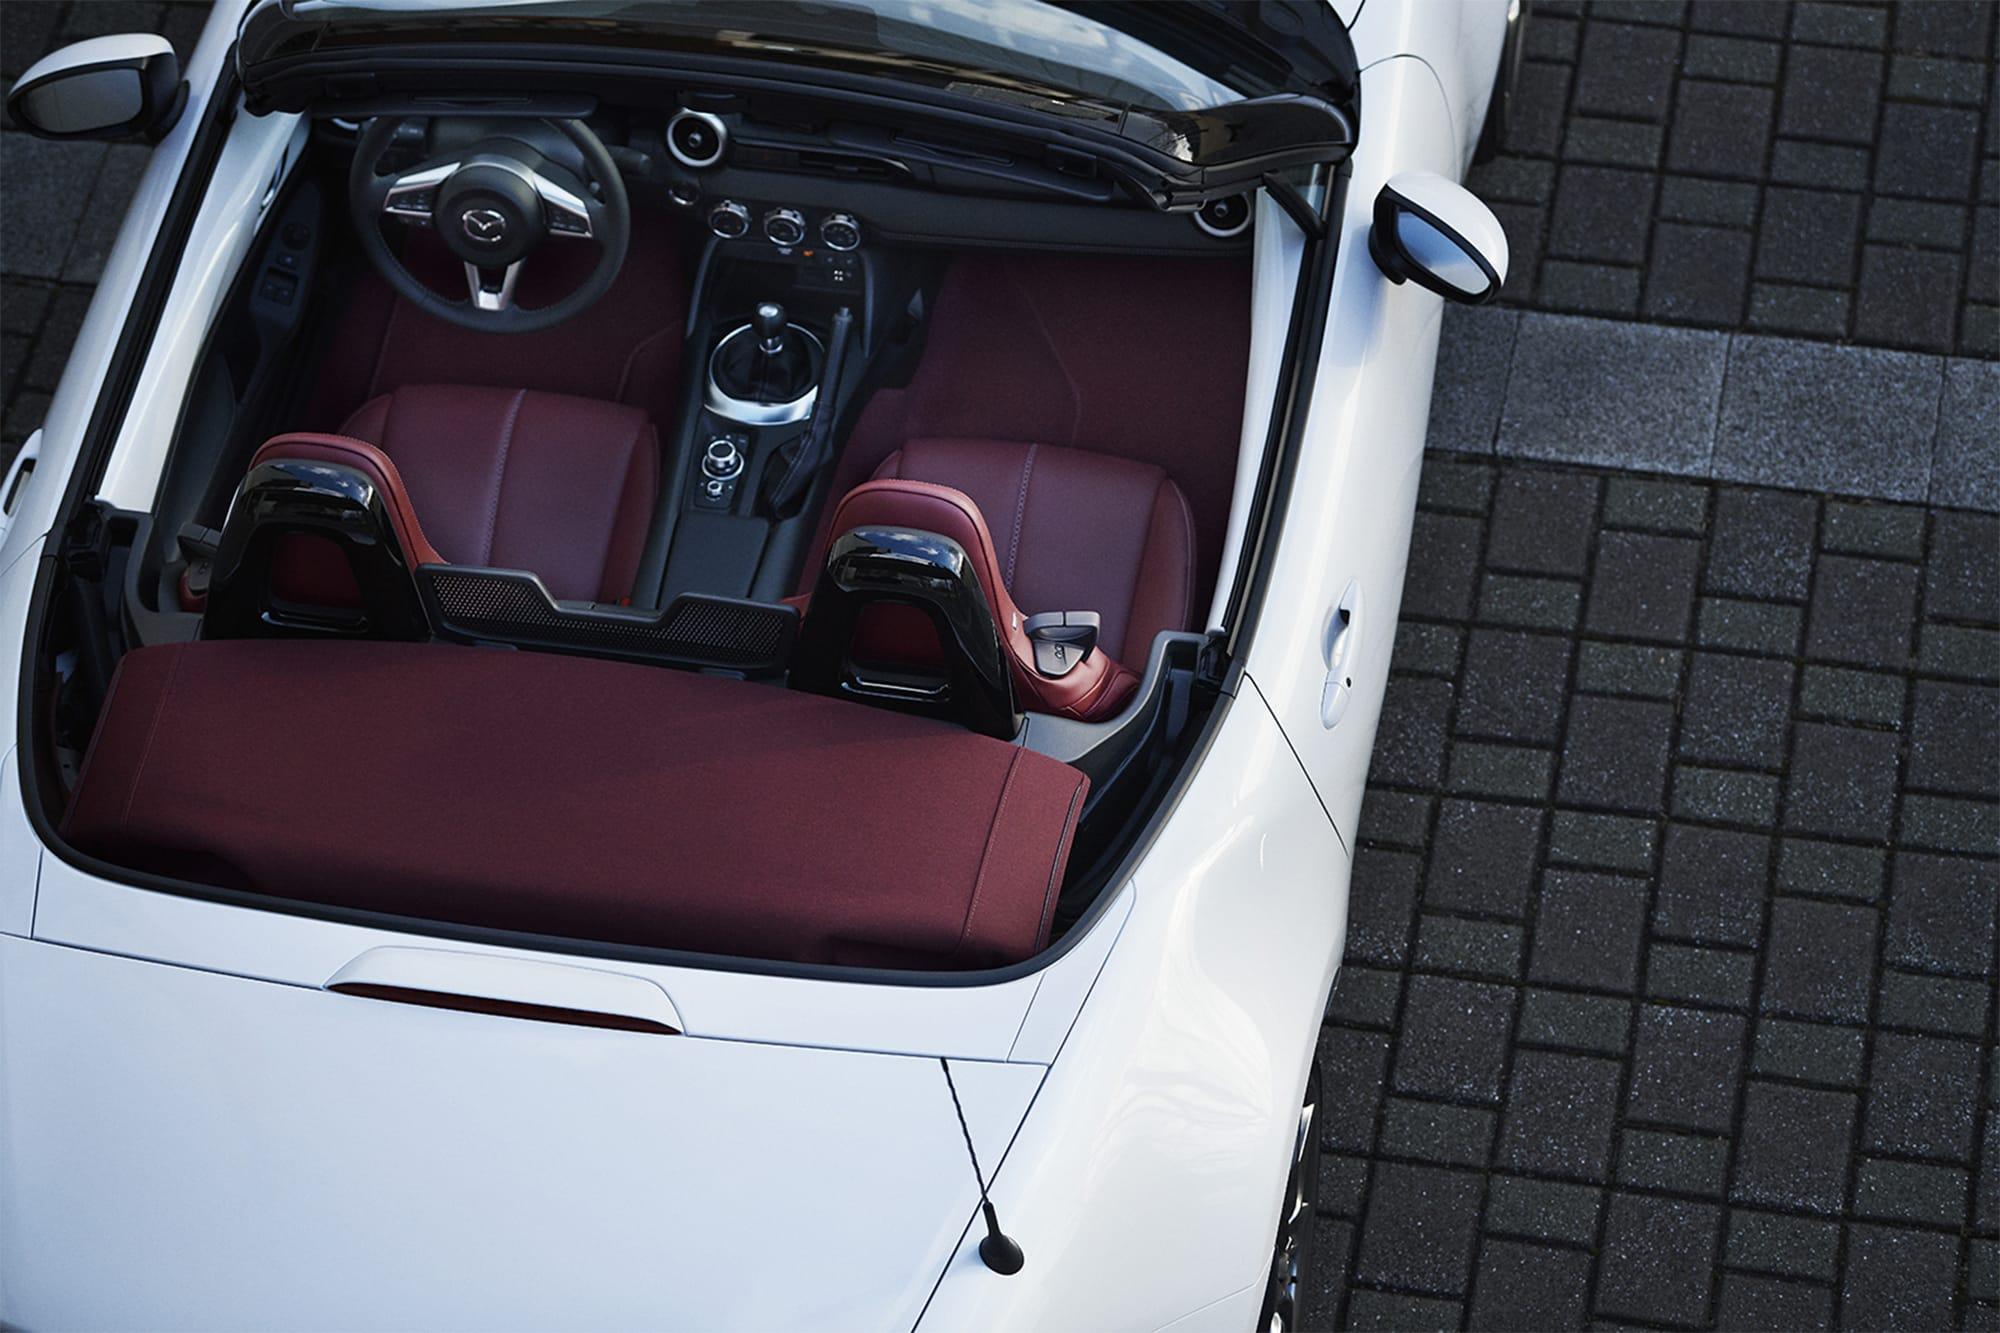 「100周年特別記念車 ロードスター」のみ、ソフトトップにダークチェリーカラーを採用。スノーフレイクホワイトパールマイカのエクステリアカラーとの対比も美しい。